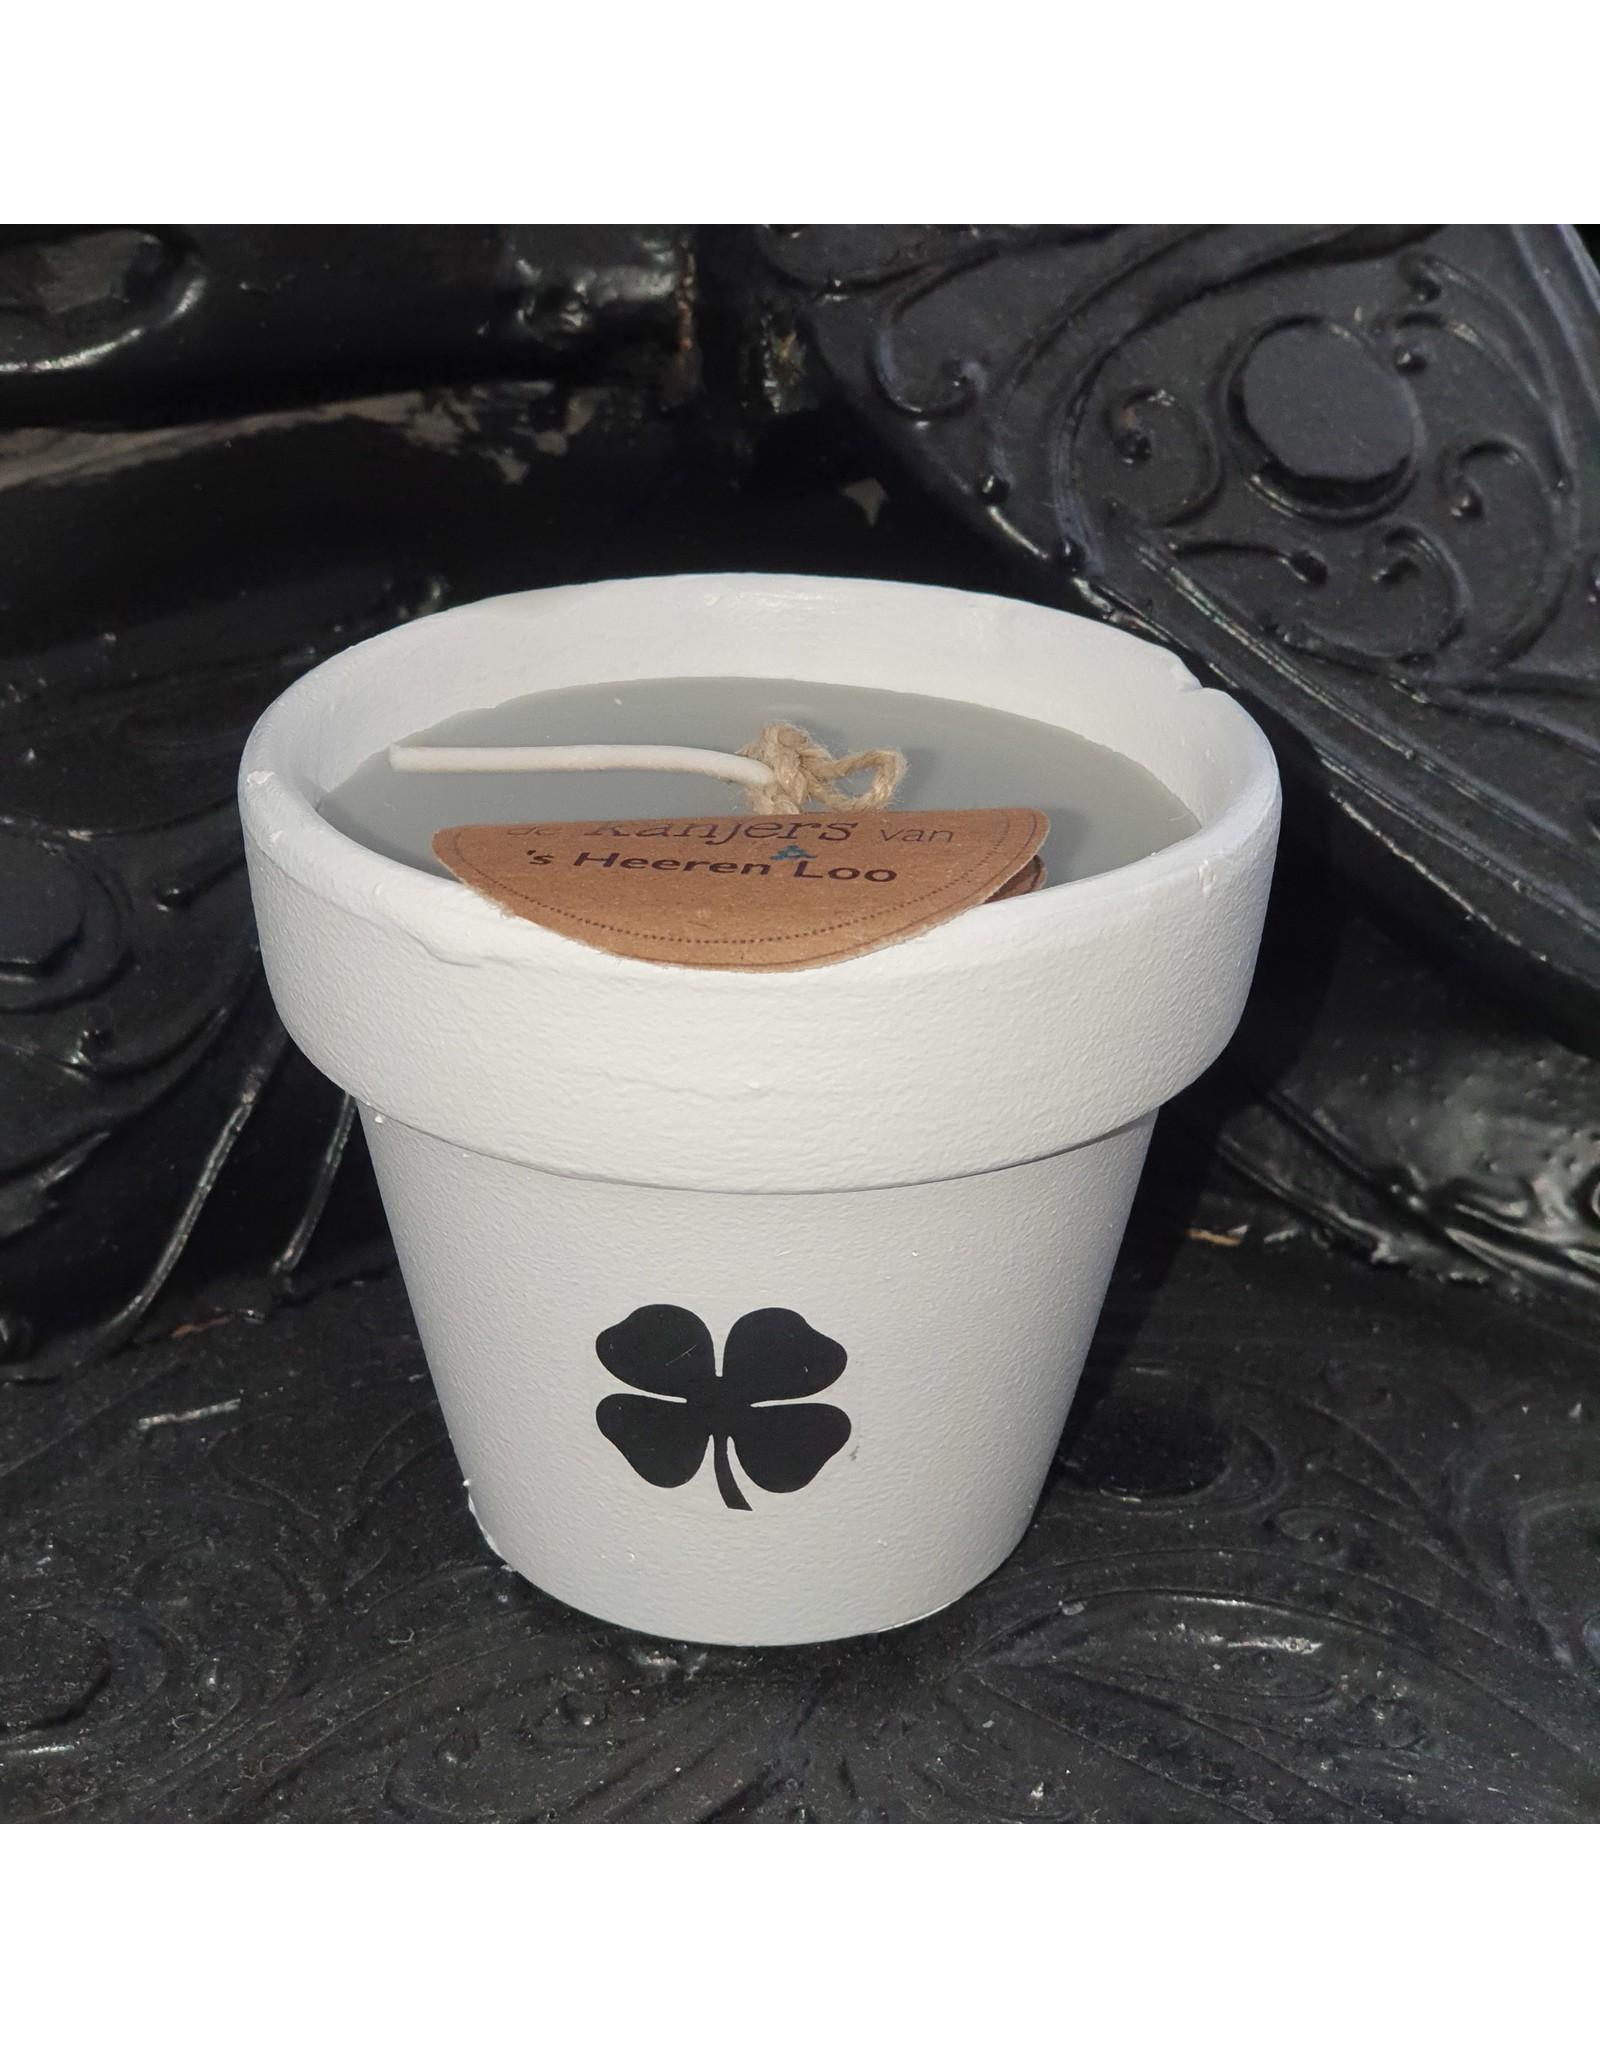 De kanjers van 's Heerenloo  Potje koolzaadwas met afbeelding | de Kanjers van 's Heeren Loo